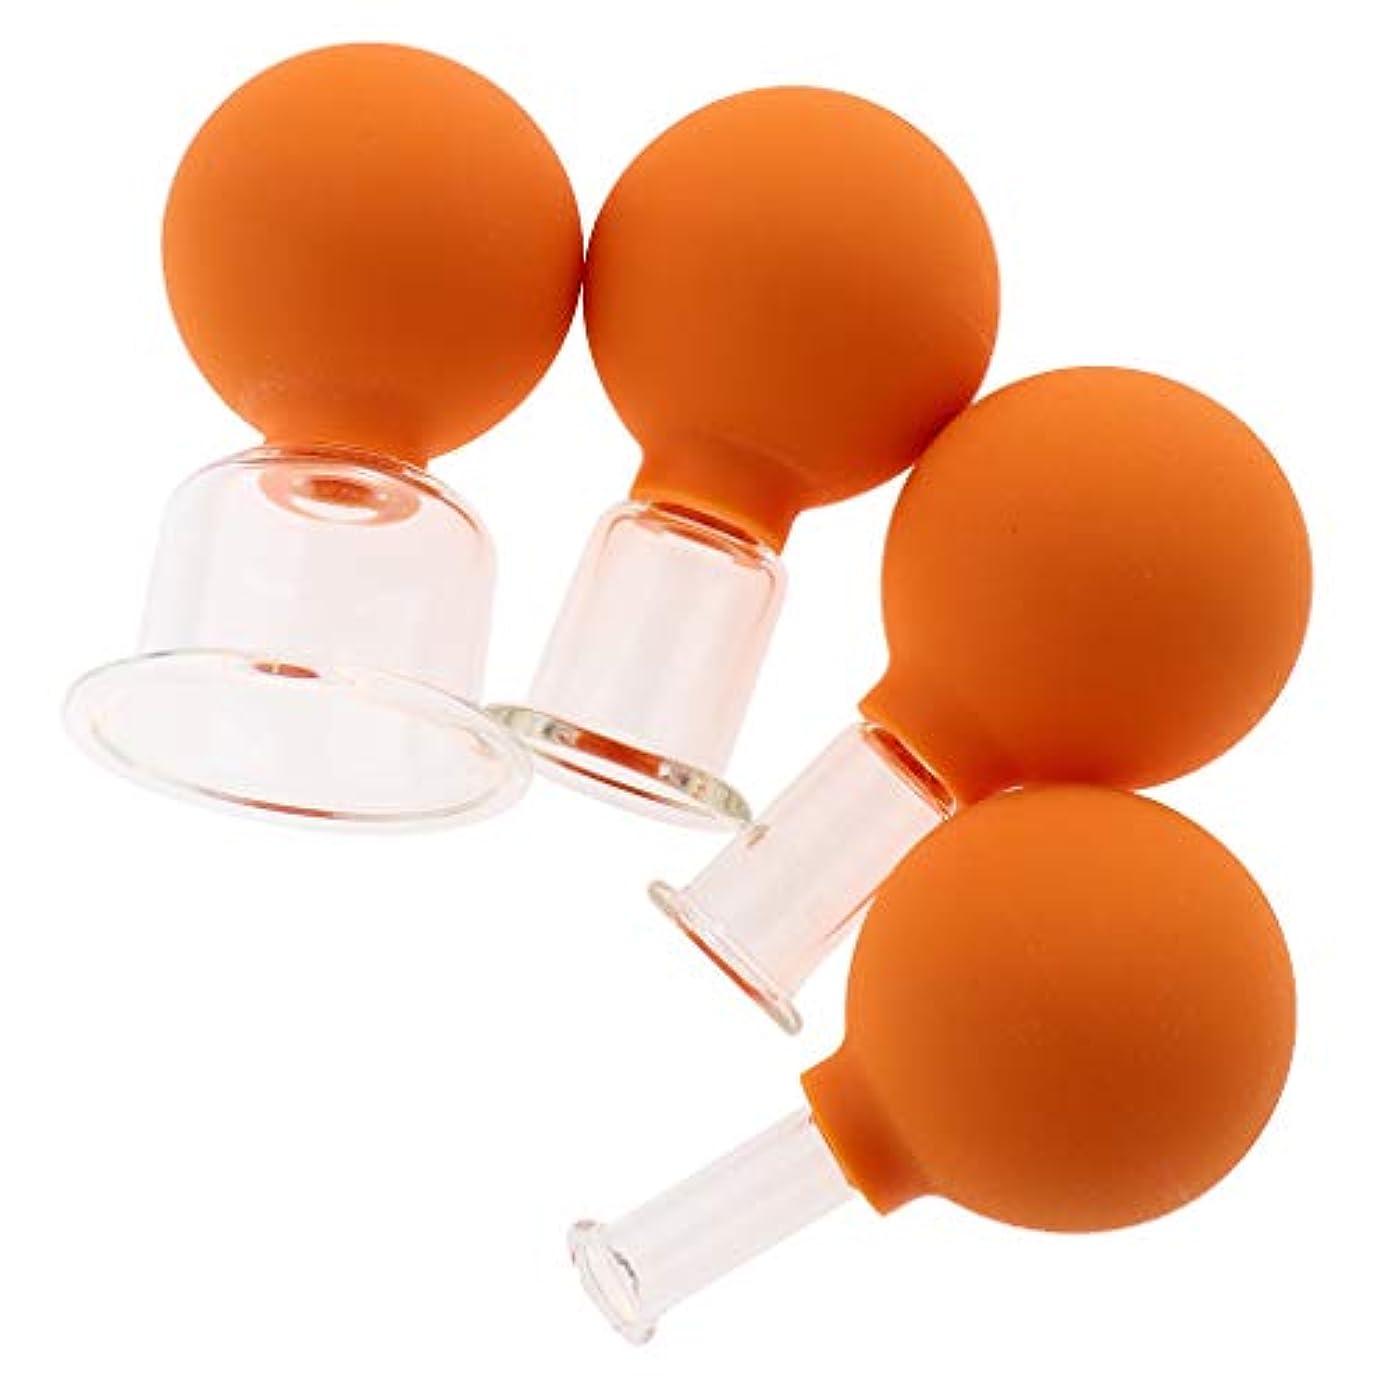 アジア人協力ブルーベルF Fityle マッサージ吸い玉 マッサージカップ ガラスカッピング ゴム 真空 男女兼用 4個 全3色 - オレンジ